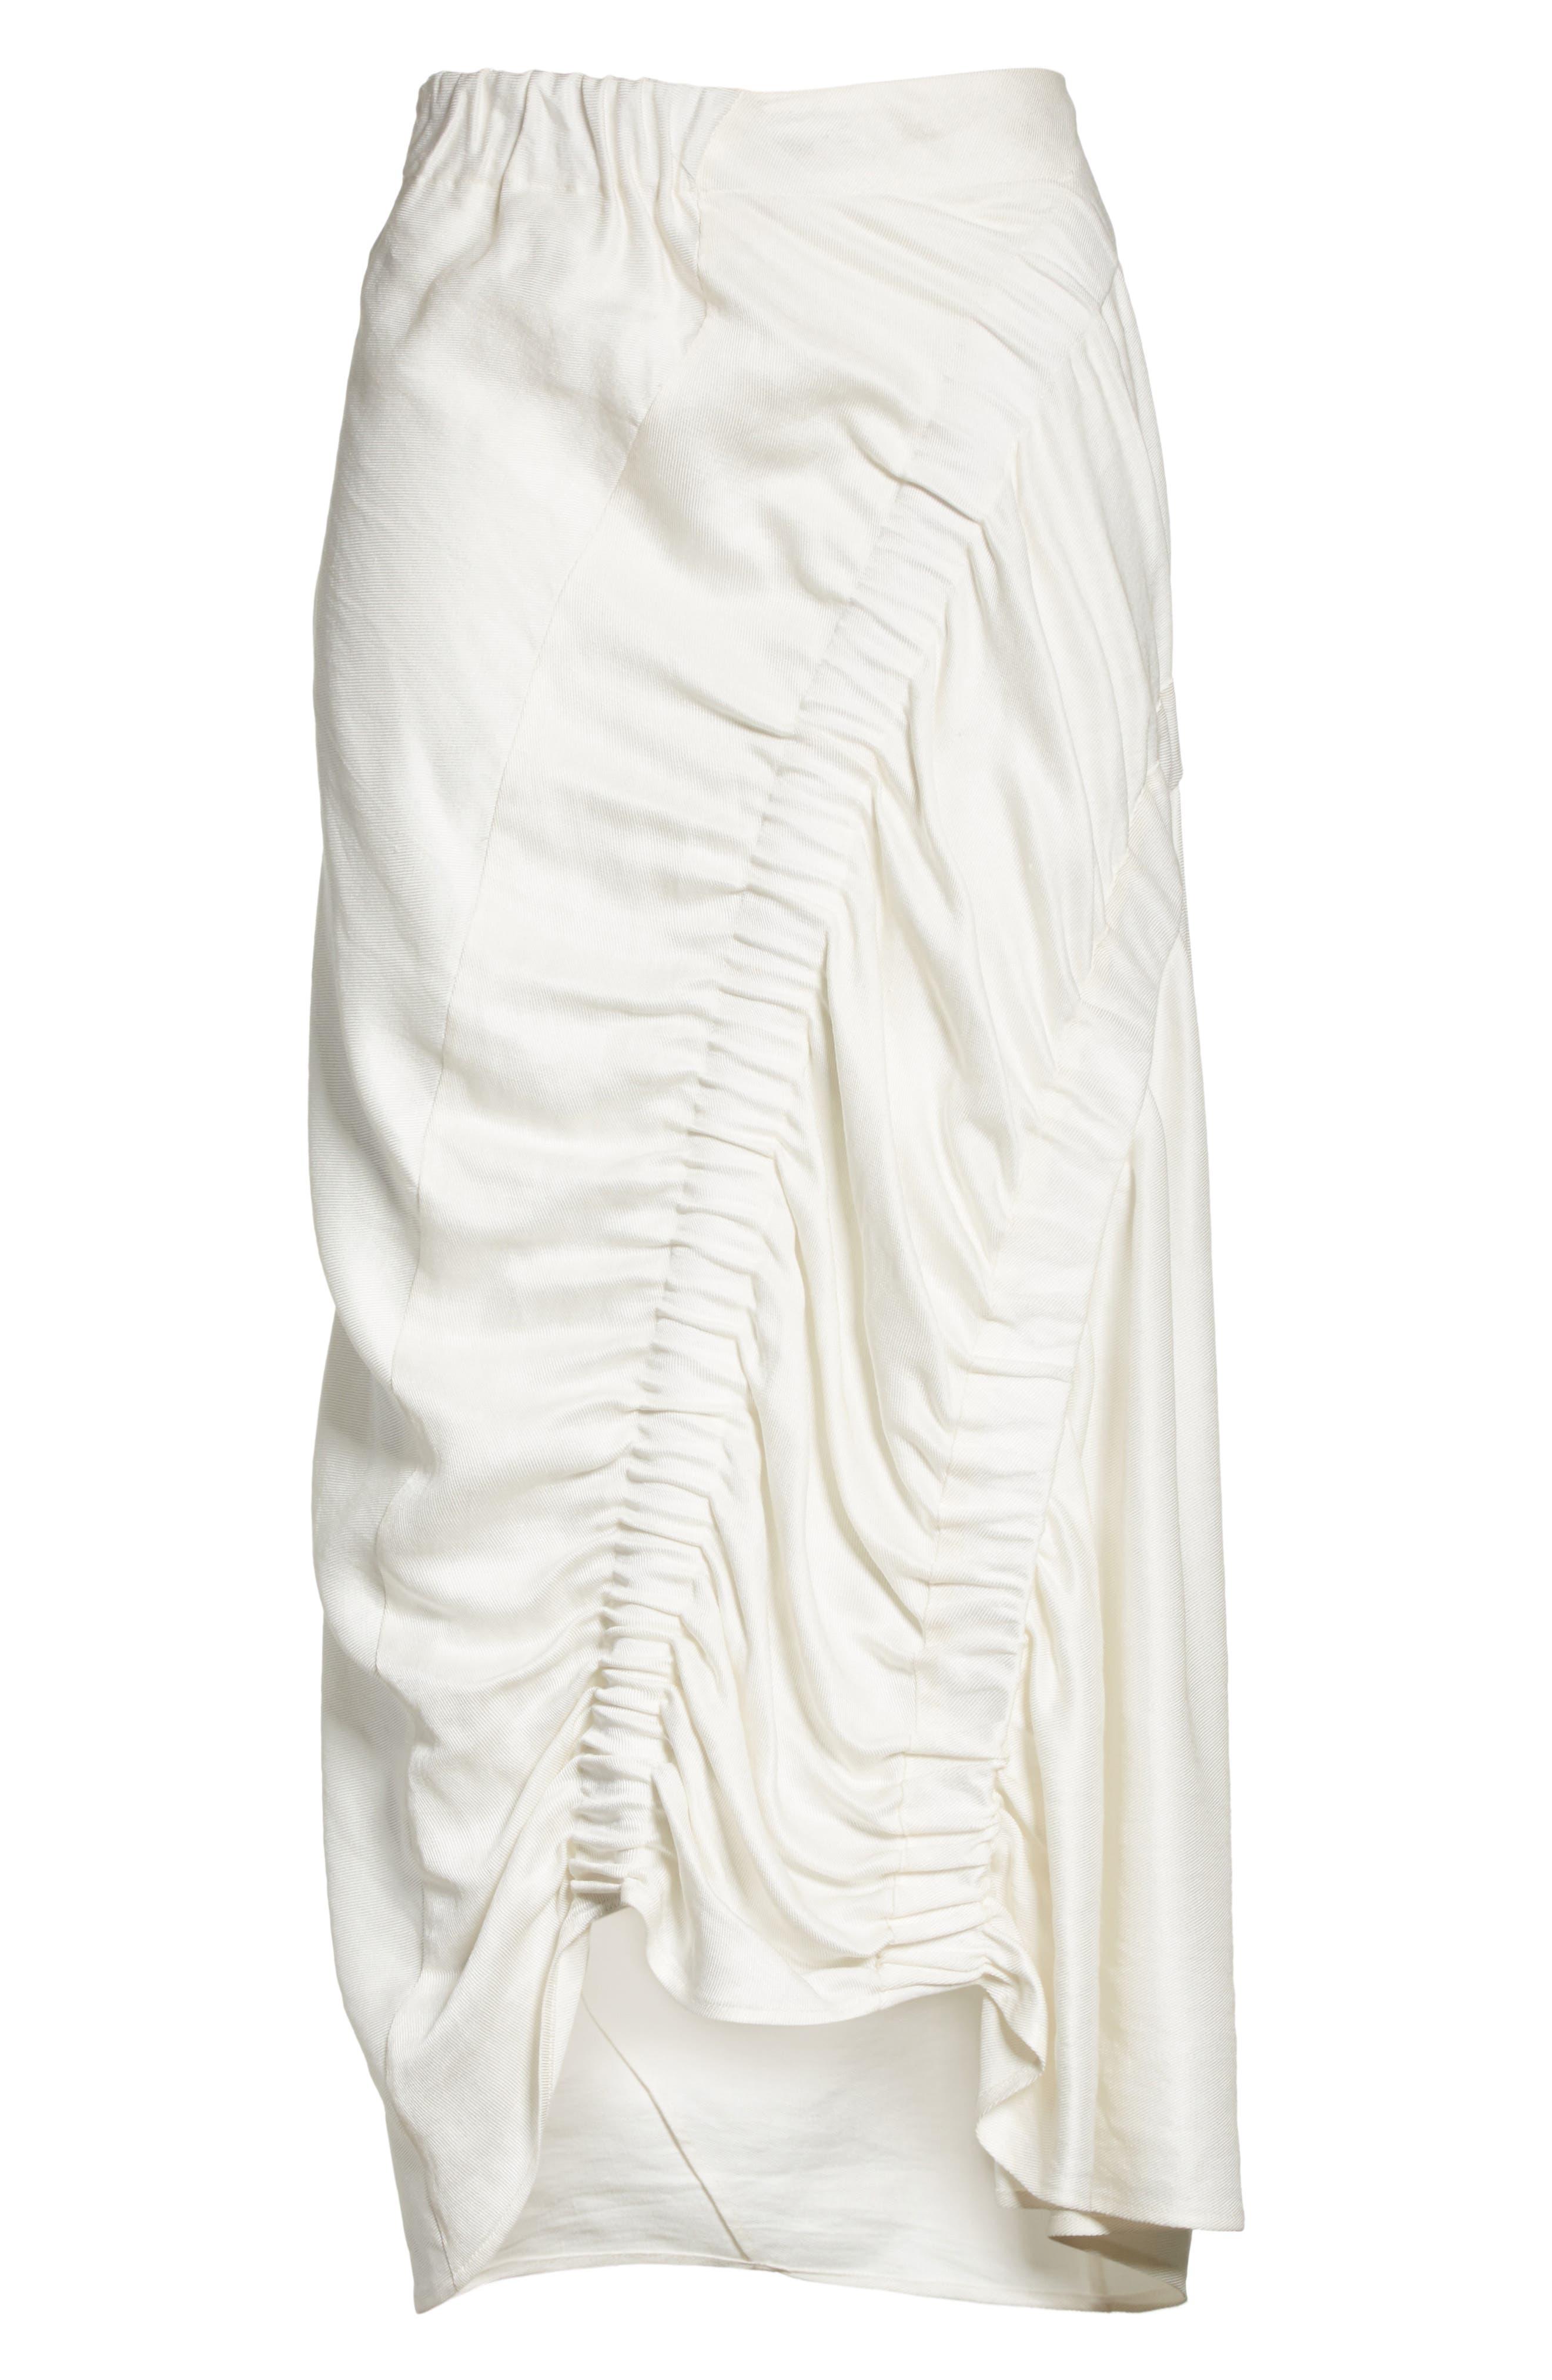 Ruched Drape Skirt,                             Alternate thumbnail 7, color,                             White Pepper